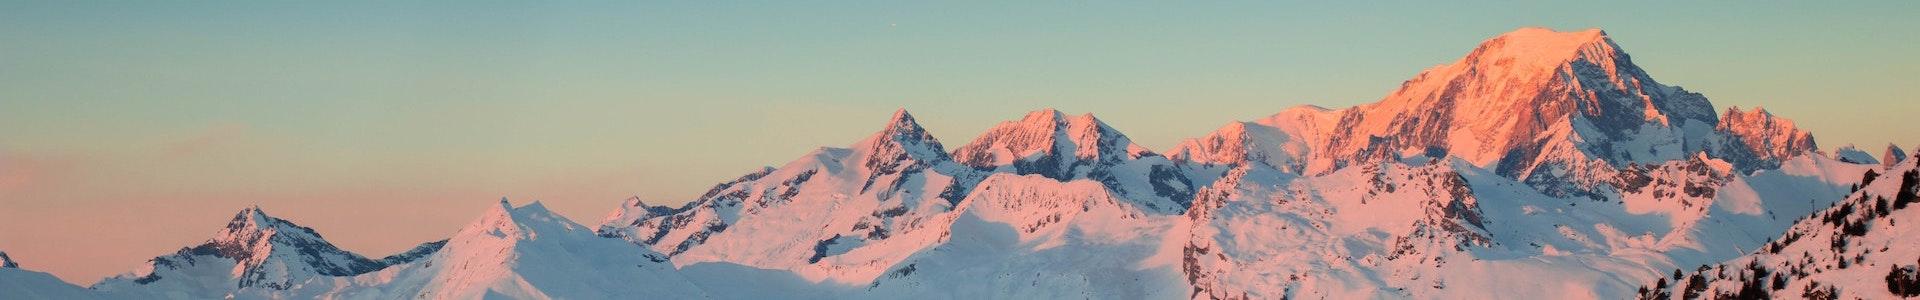 szczyty gór ośnieżone